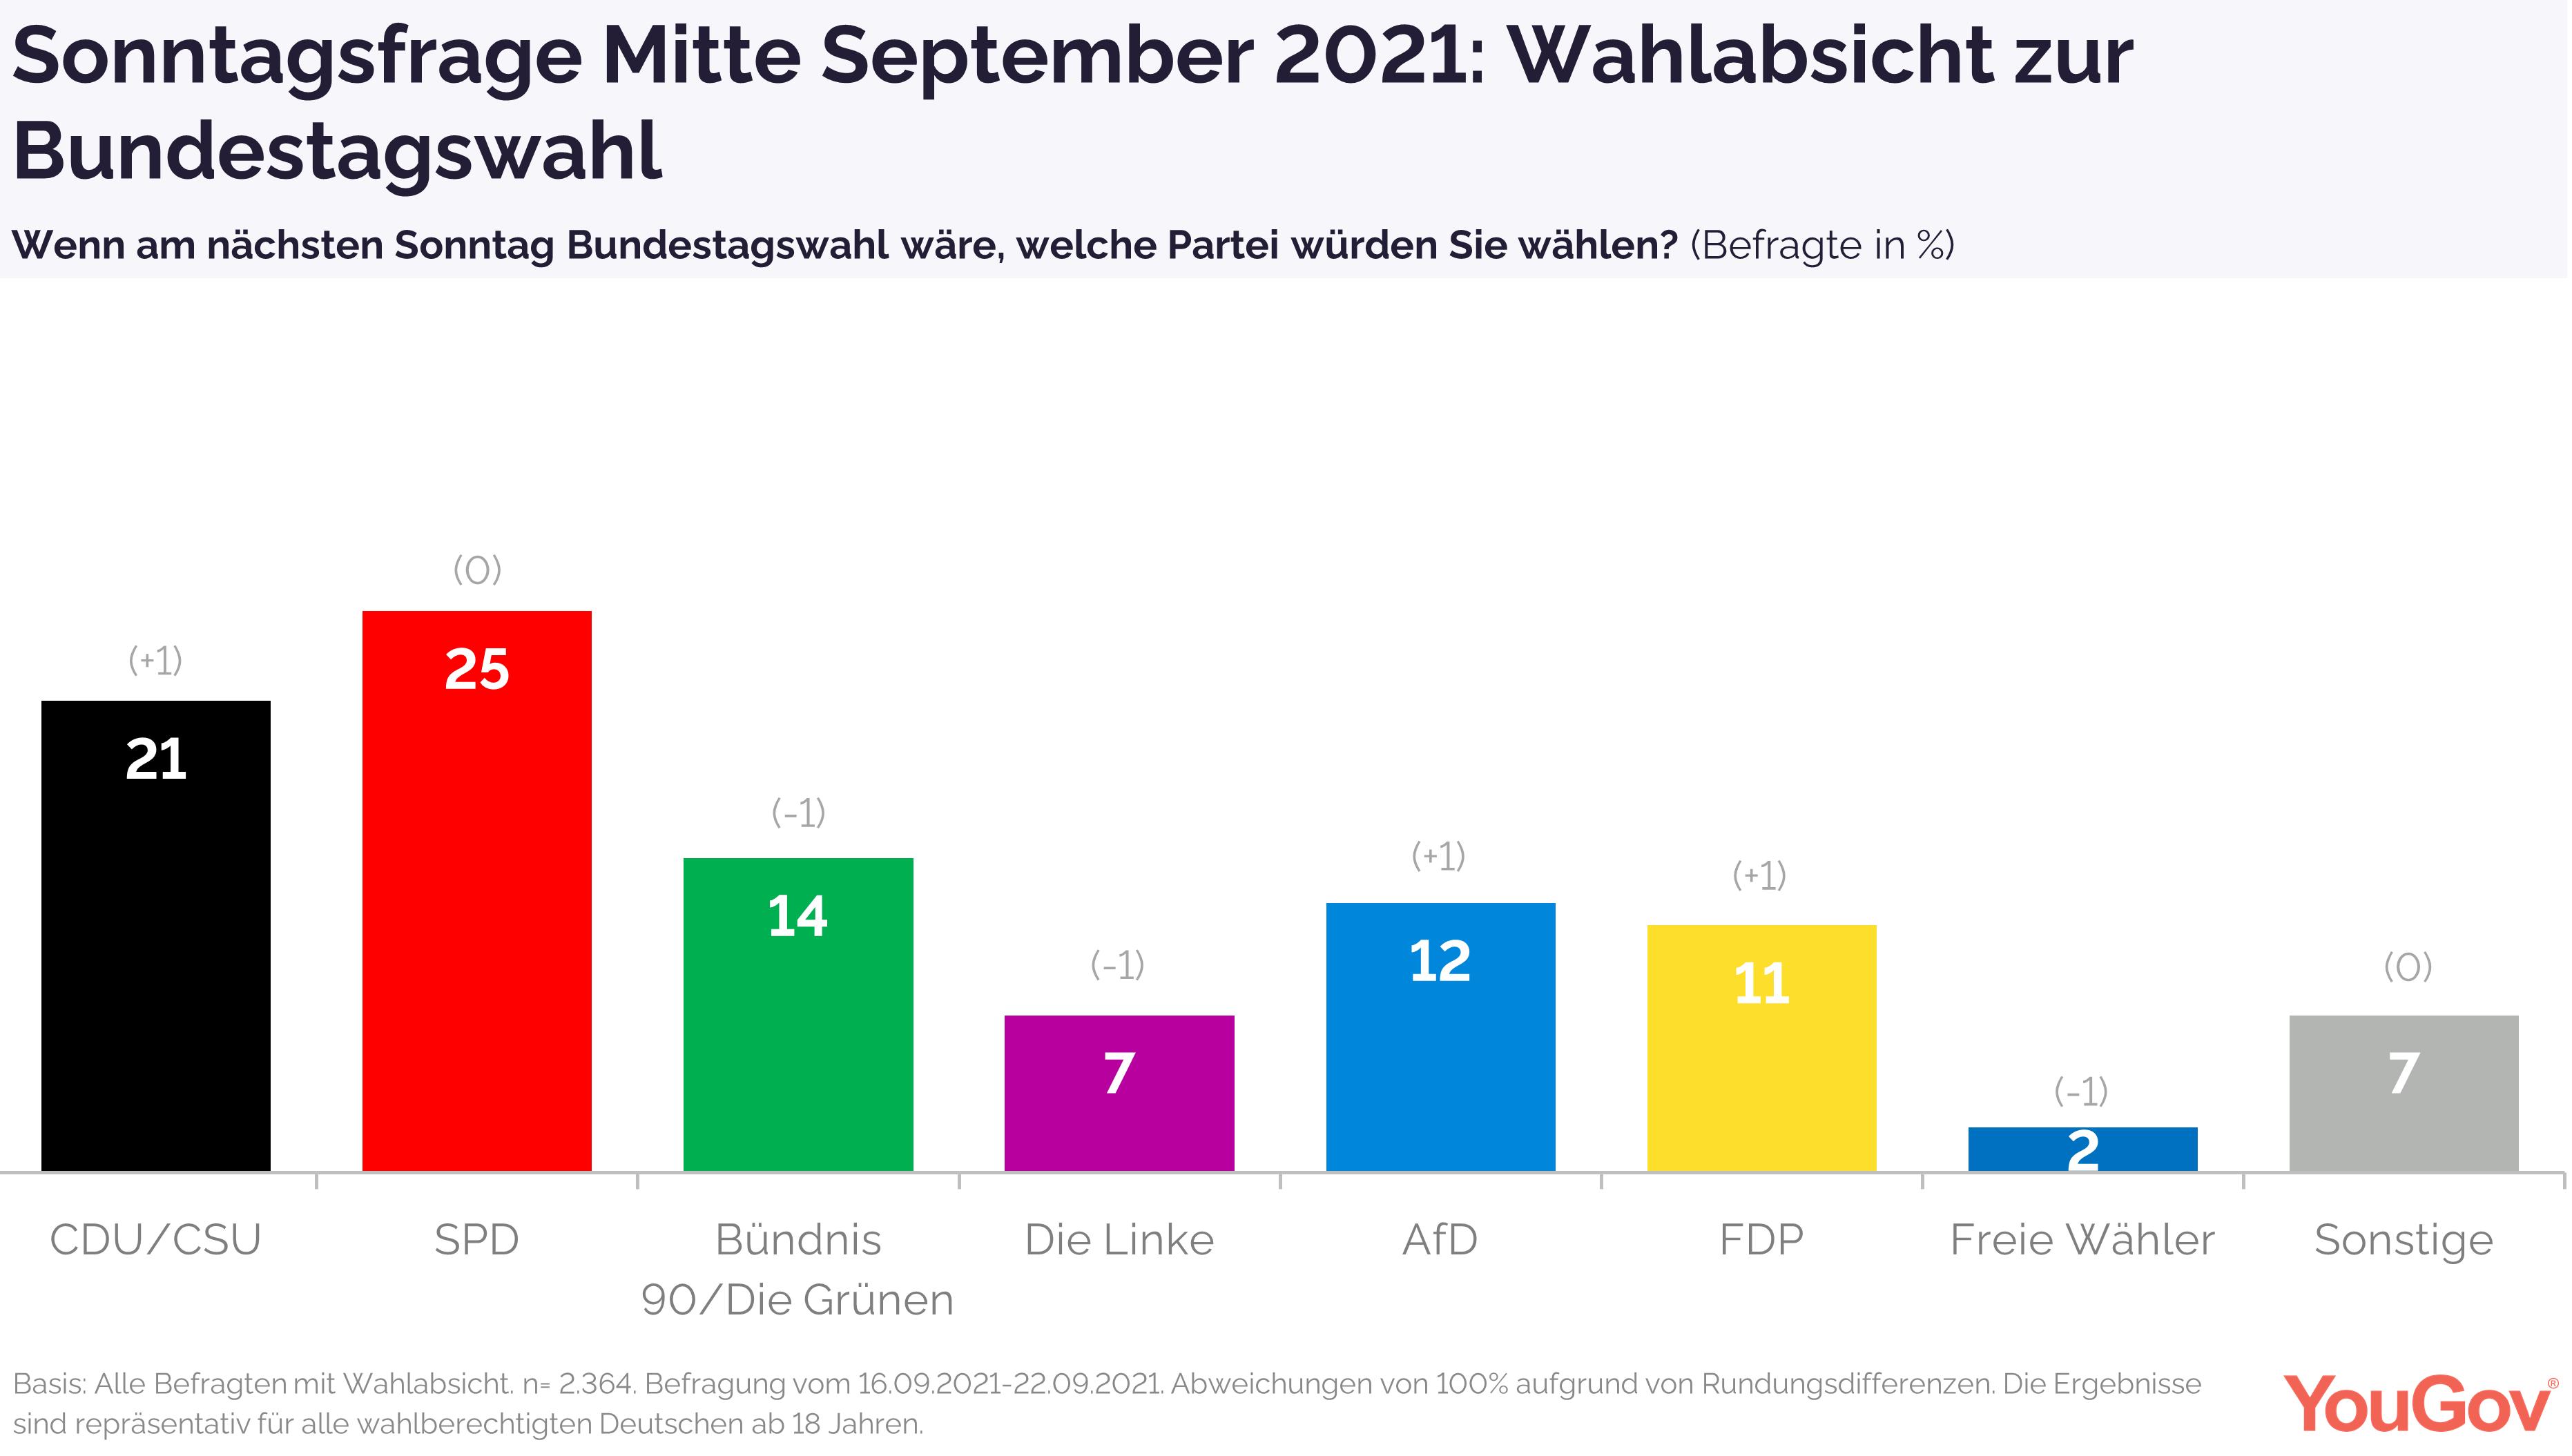 Sonntagsfrage kurz vor der Bundestagswahl 2021